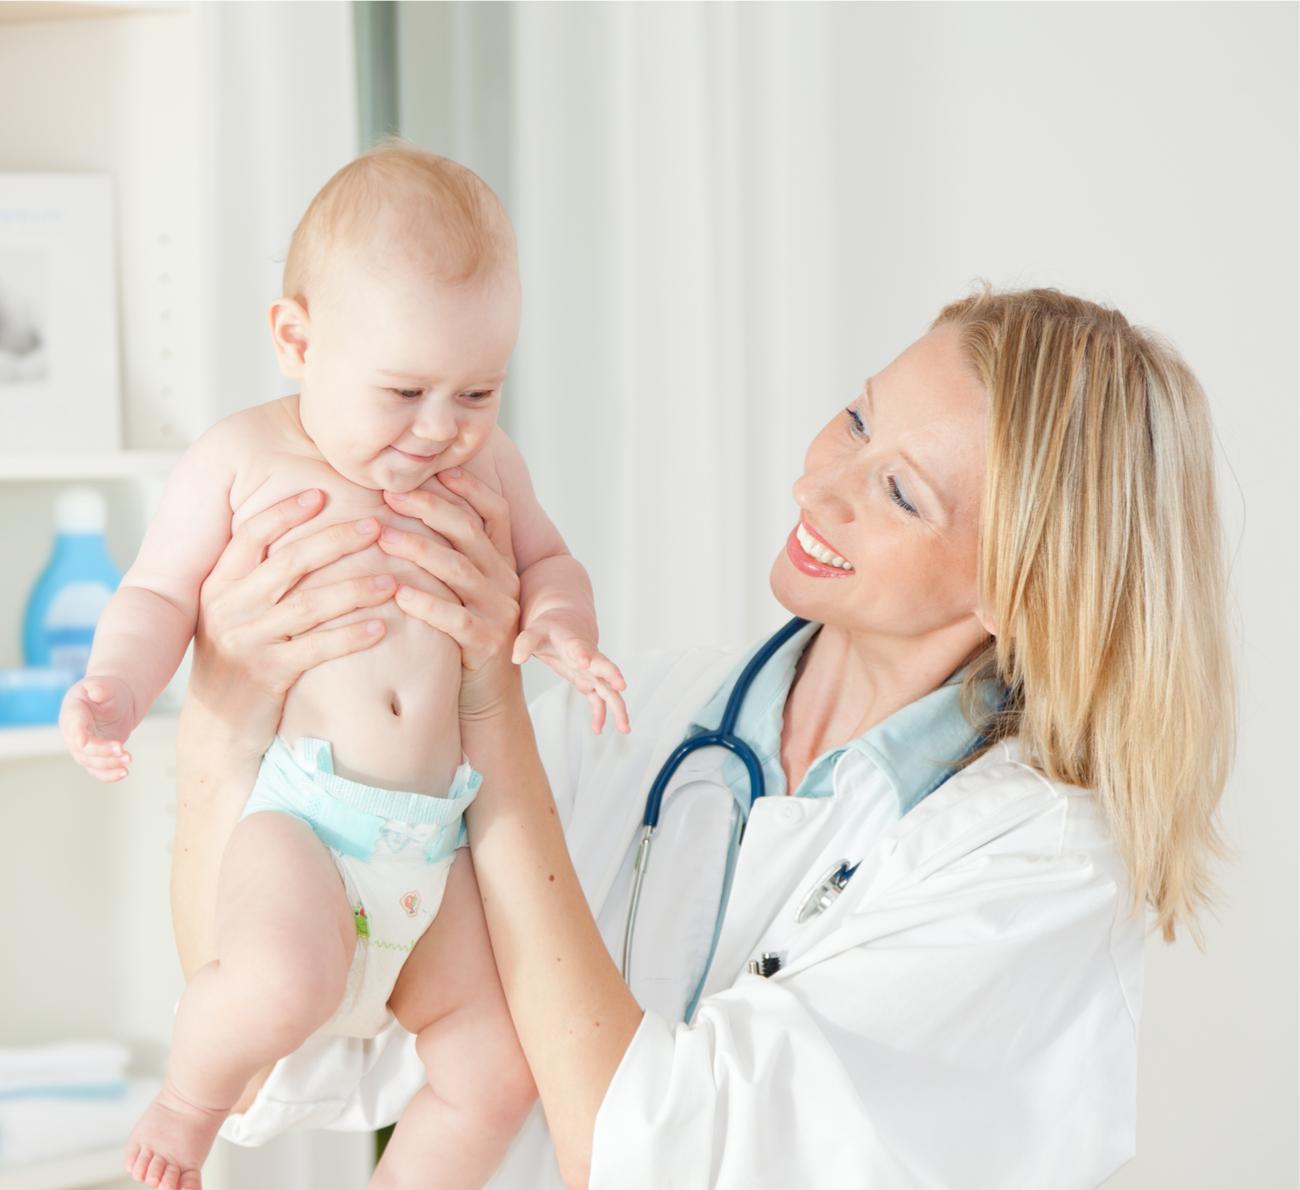 escolher o pediatra